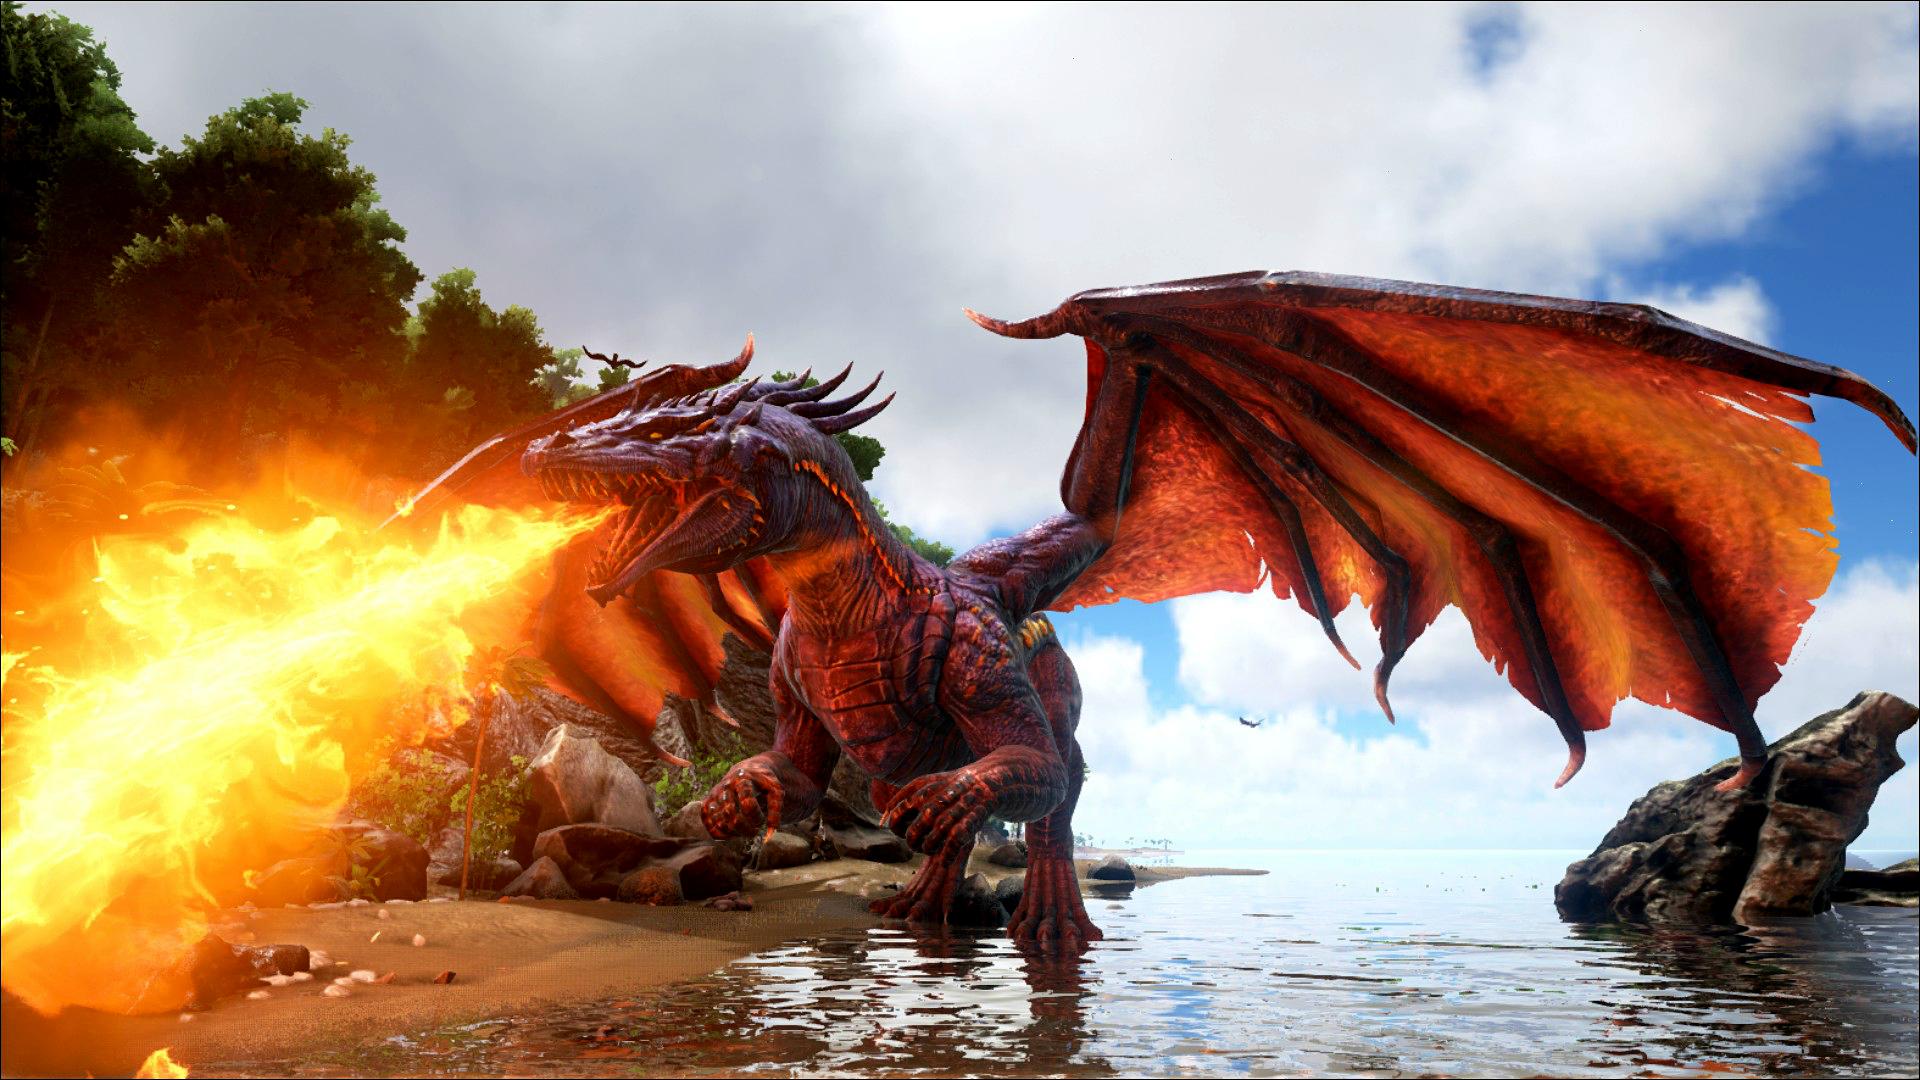 Image Result For Ark Survival Evolved Full Hd Wallpaper X